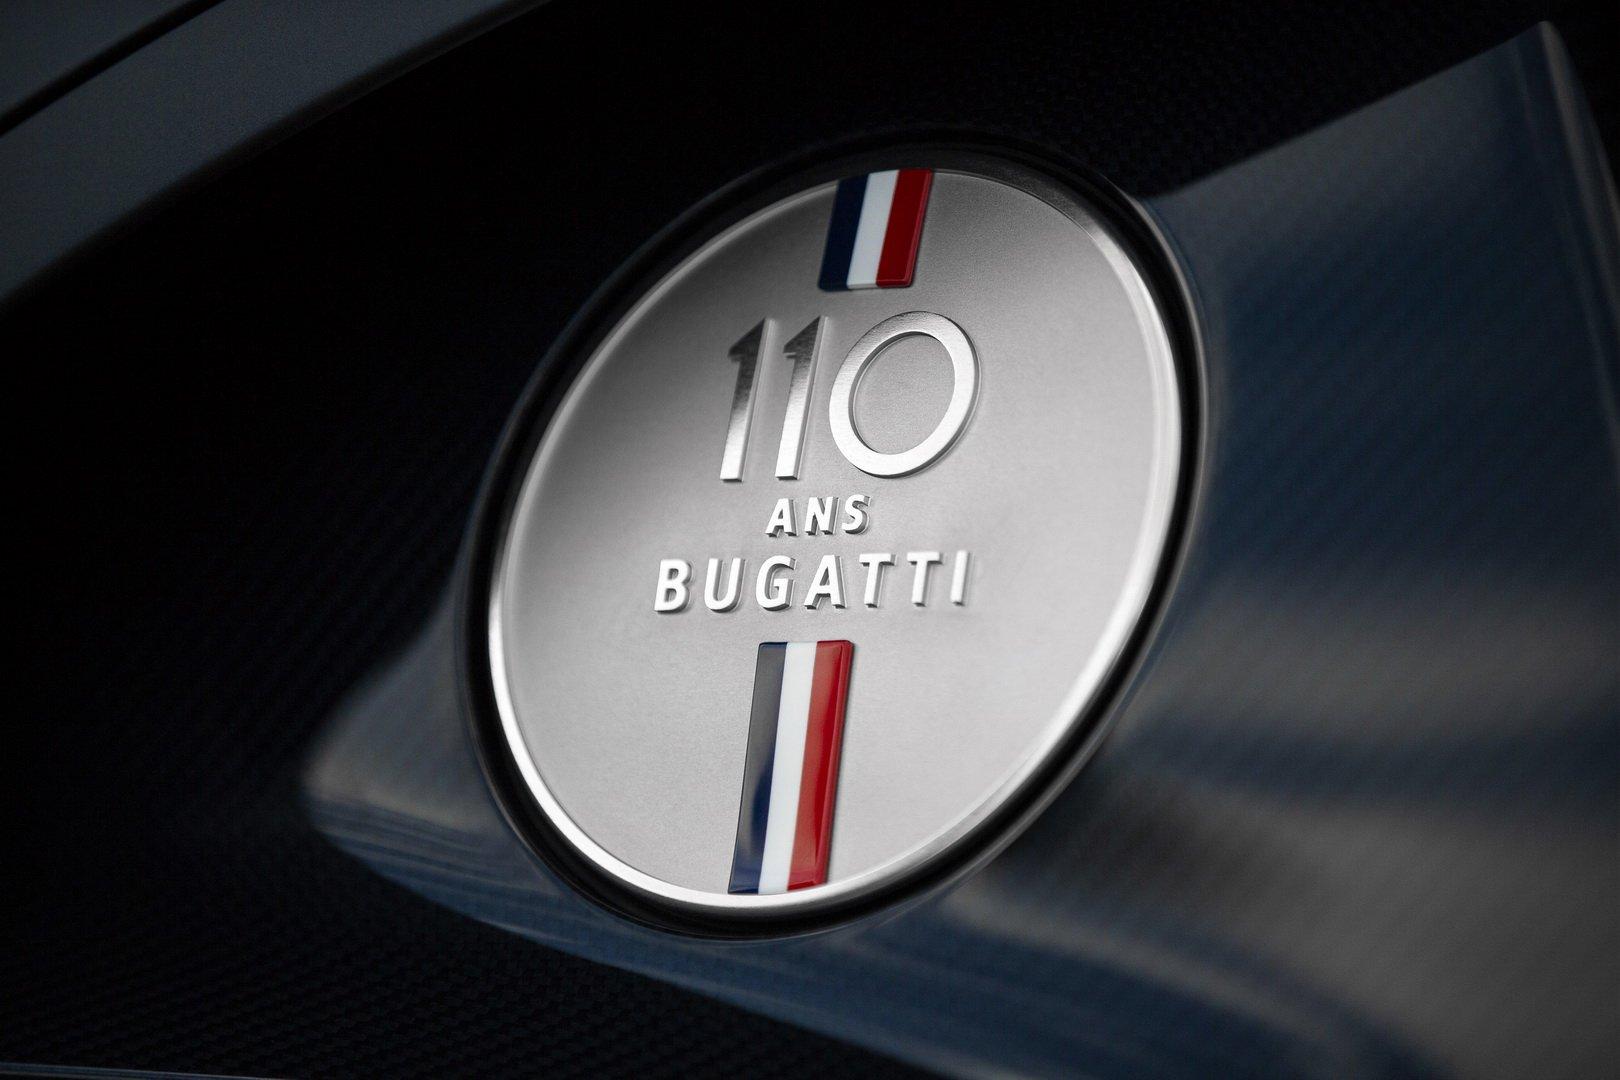 Bugatti_Chiron_Sport_110_Ans_0009